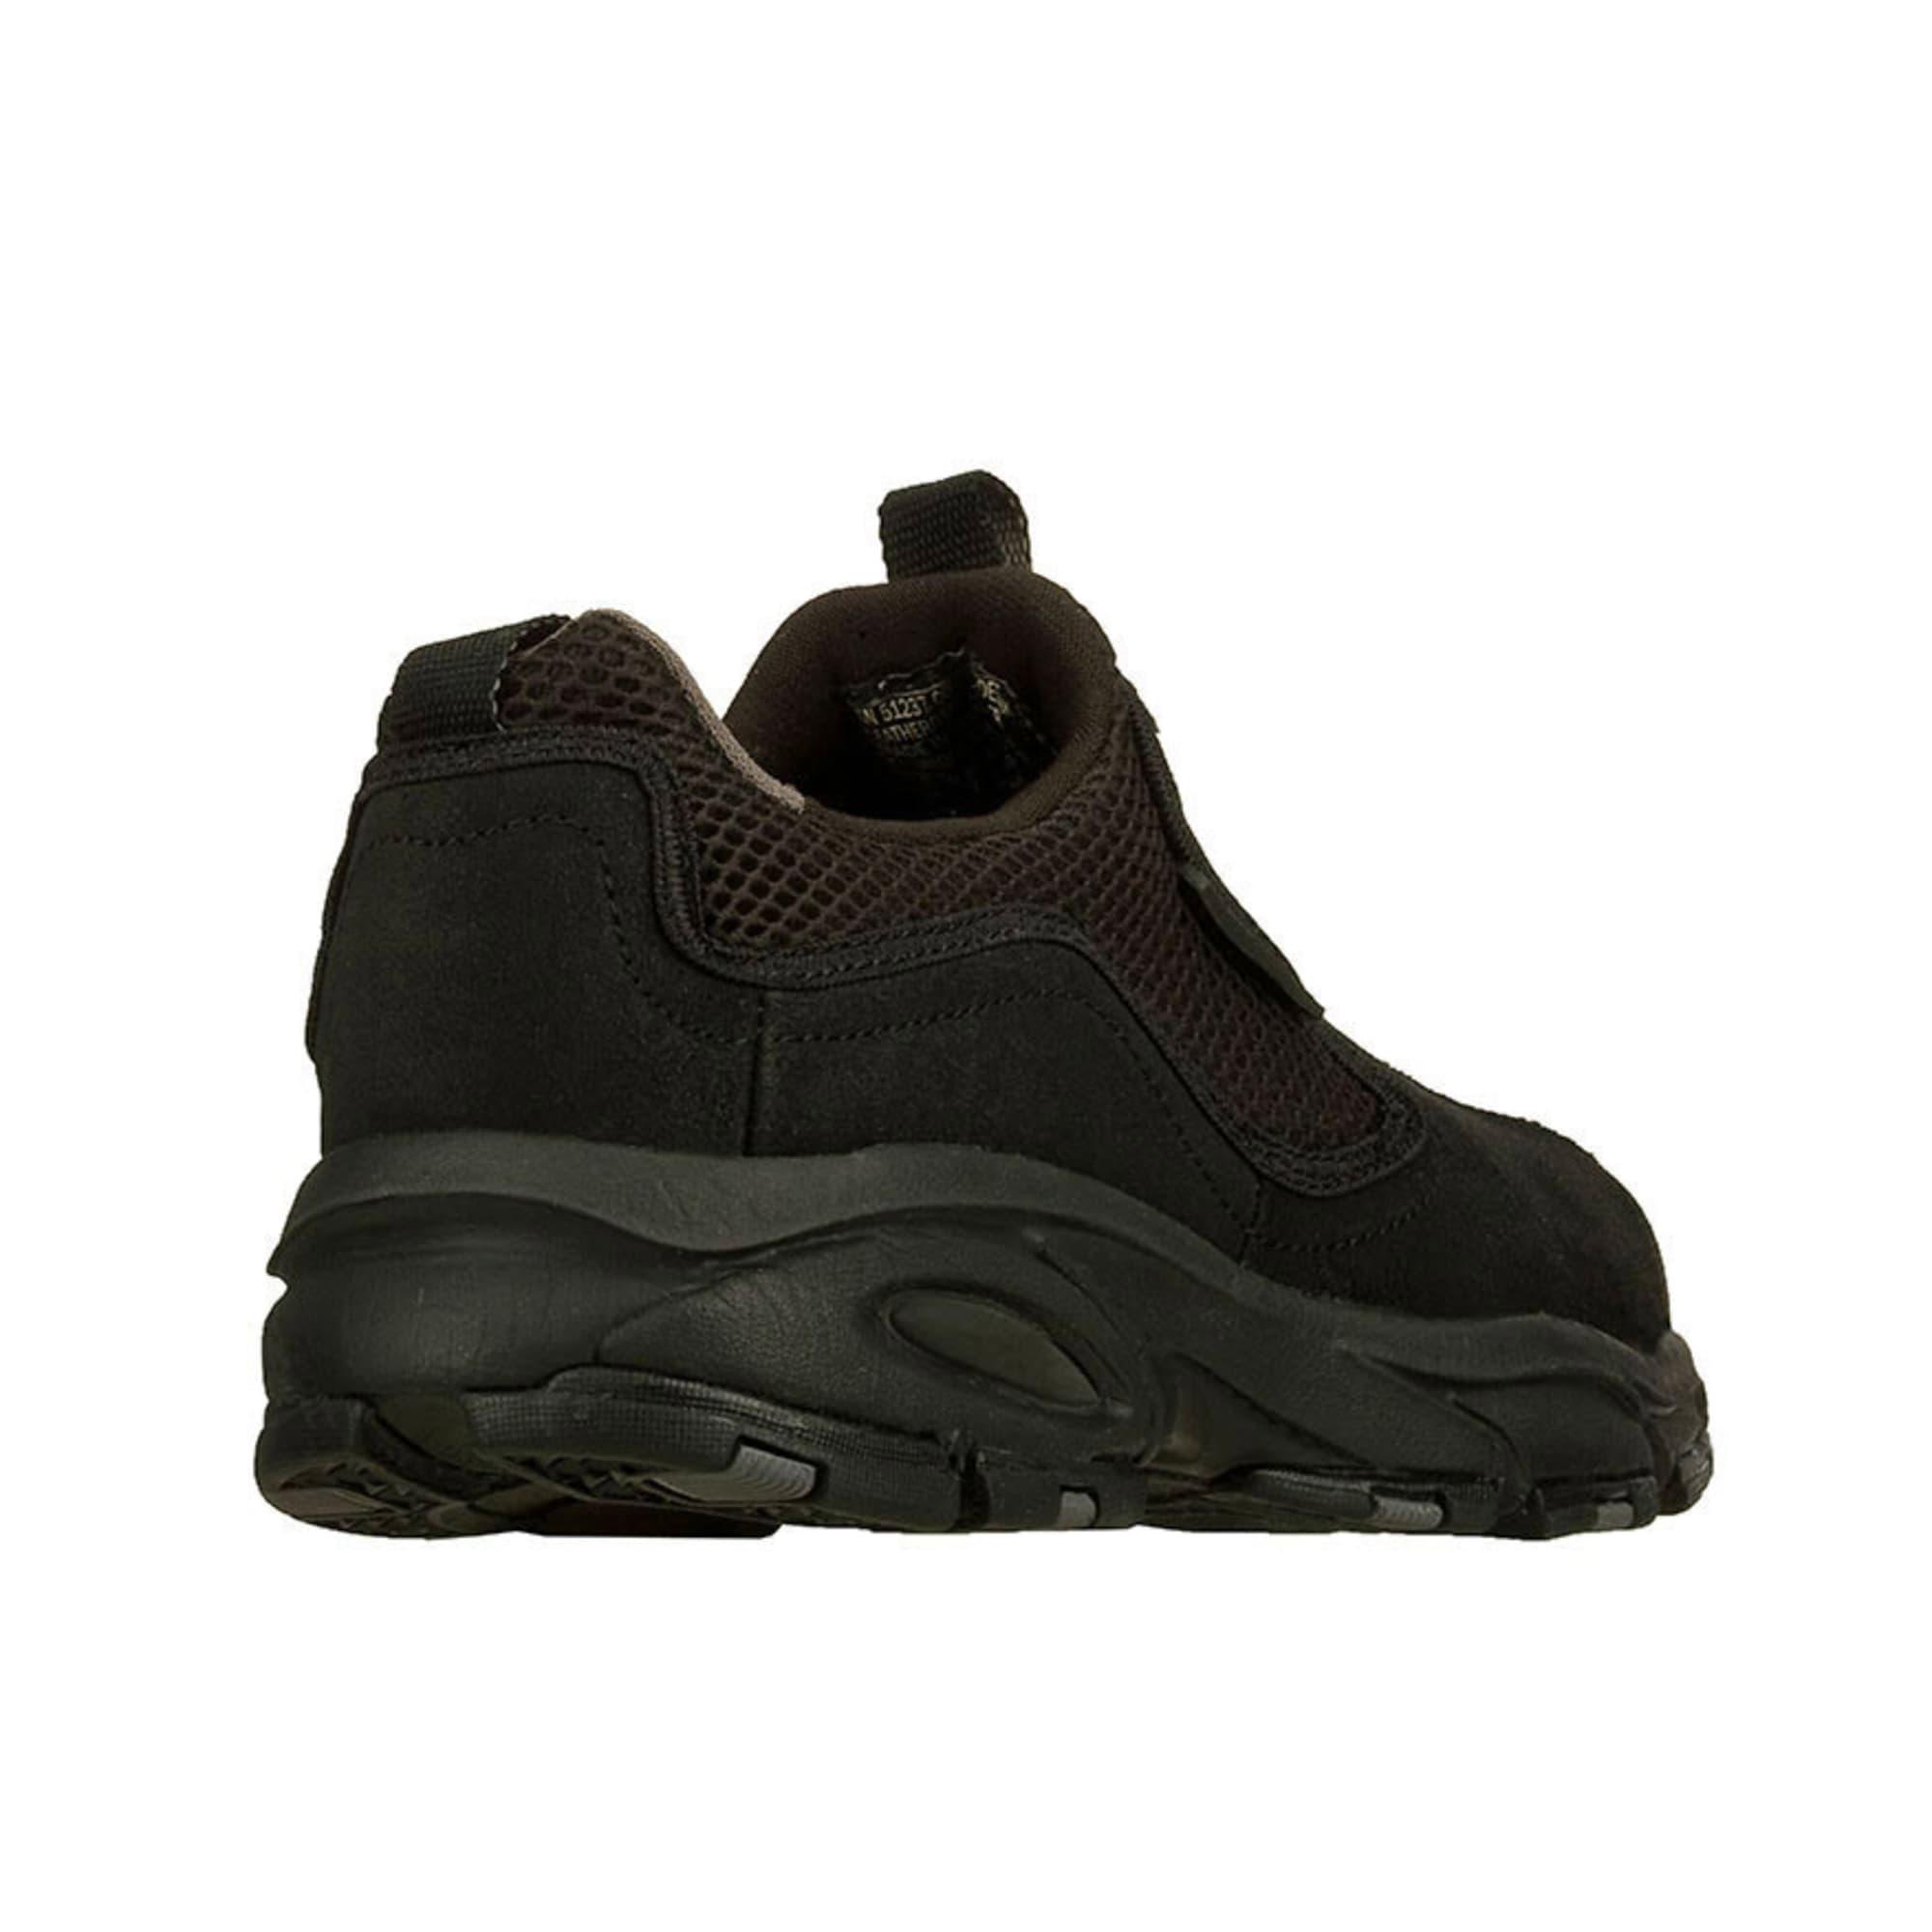 SKECHERS Guys' Vigor 2.0 Legend Seeker Shoes, Wide Width